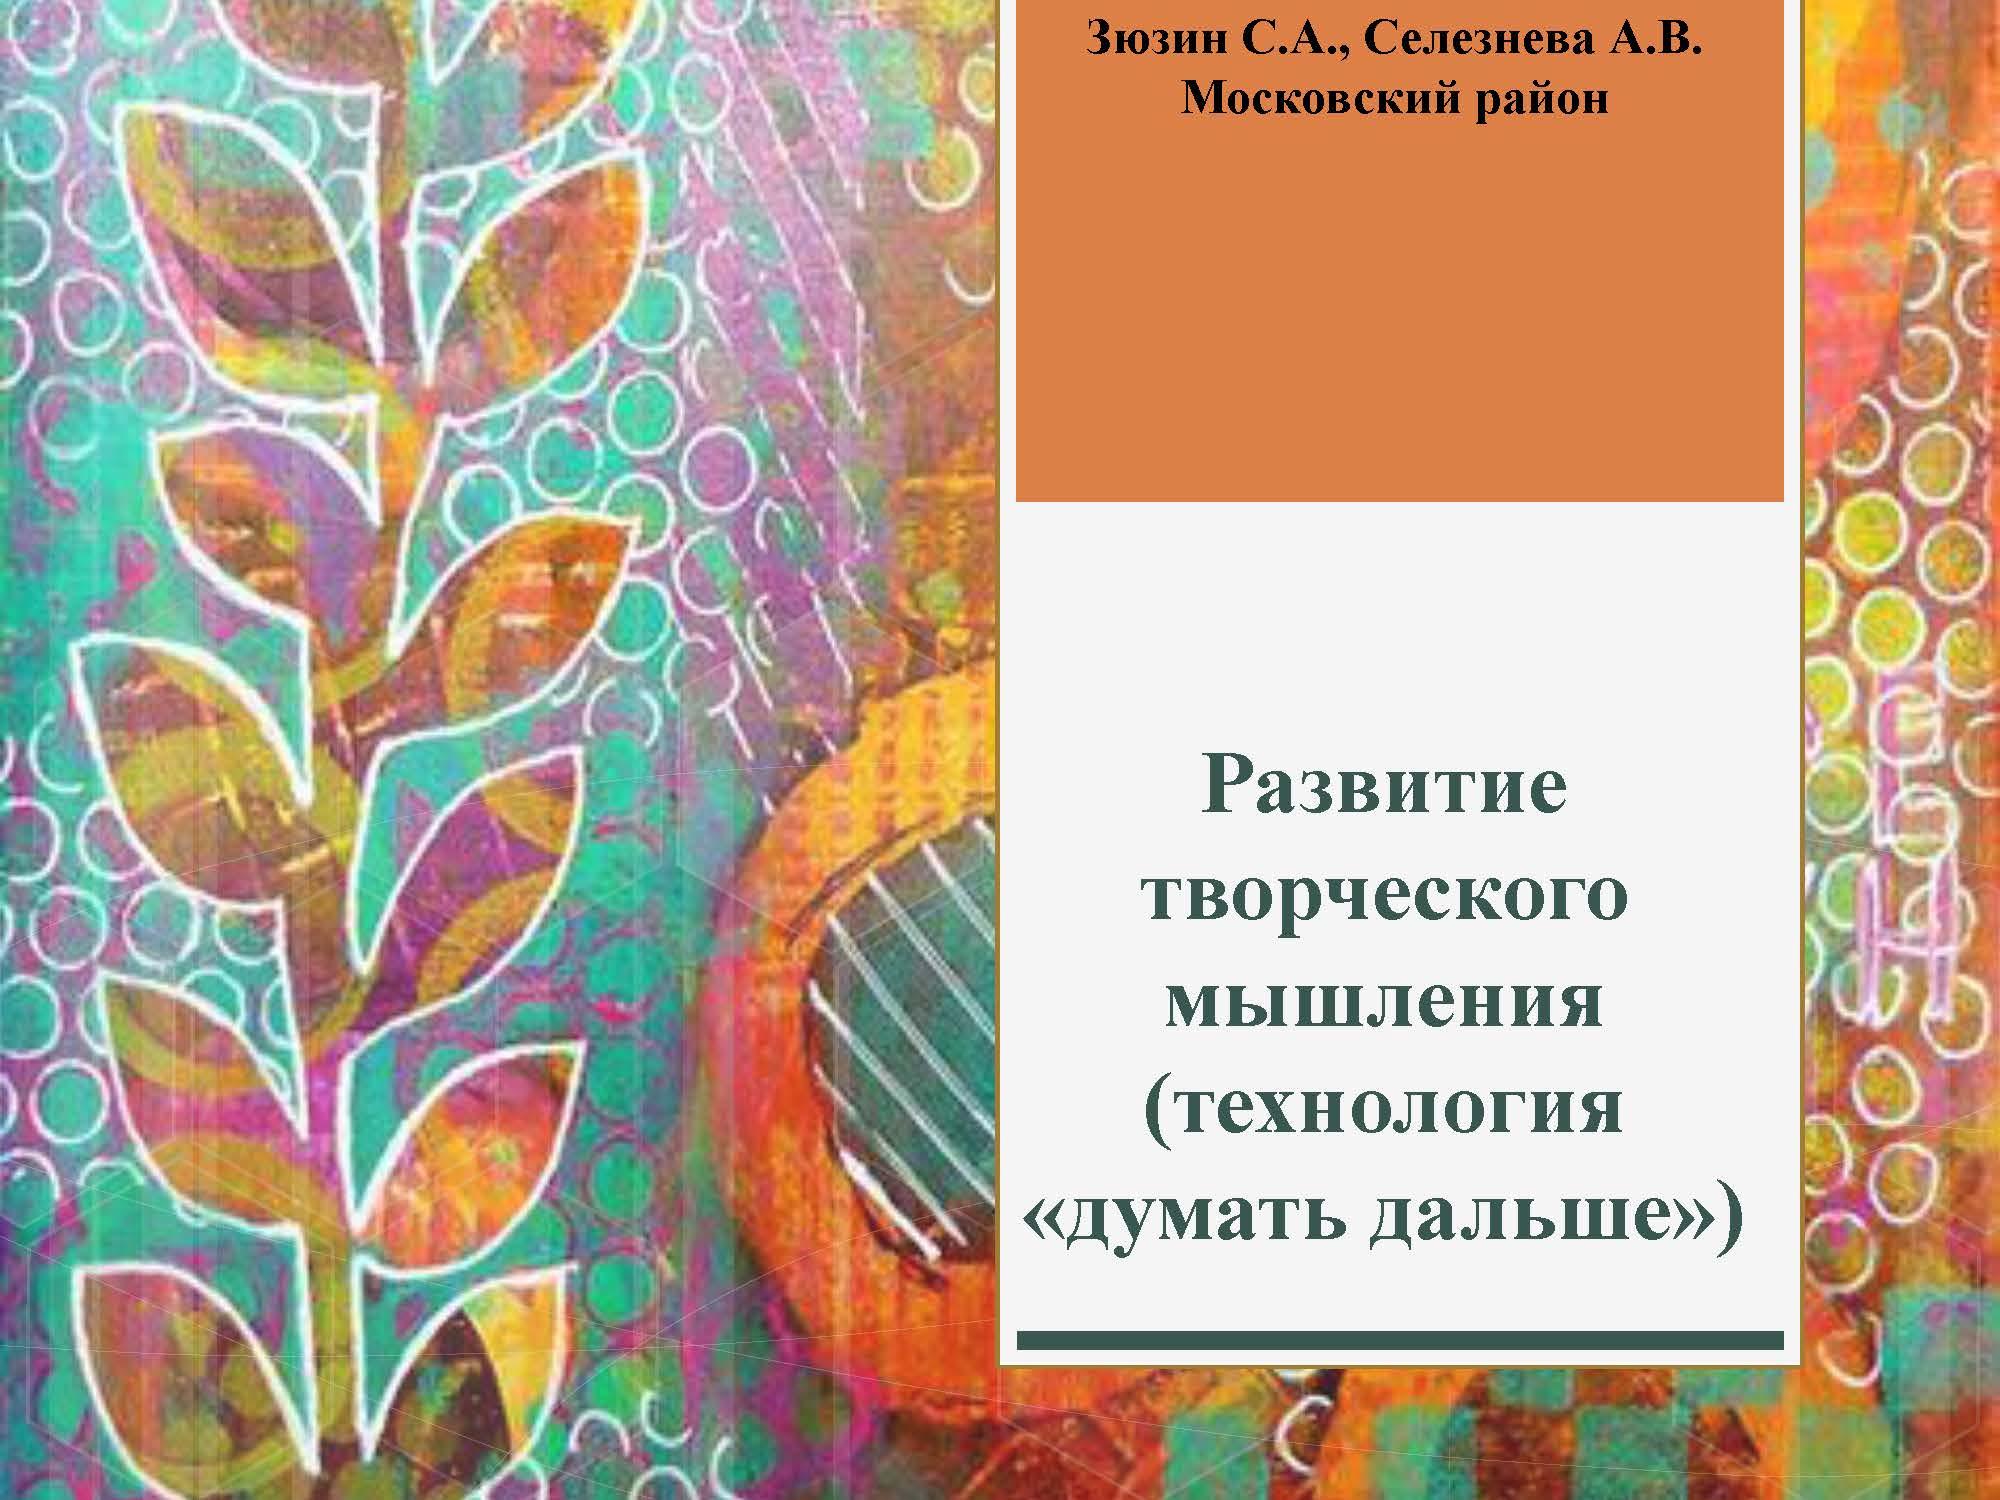 секция 8. ГБОУ 495. Московский район_Страница_16